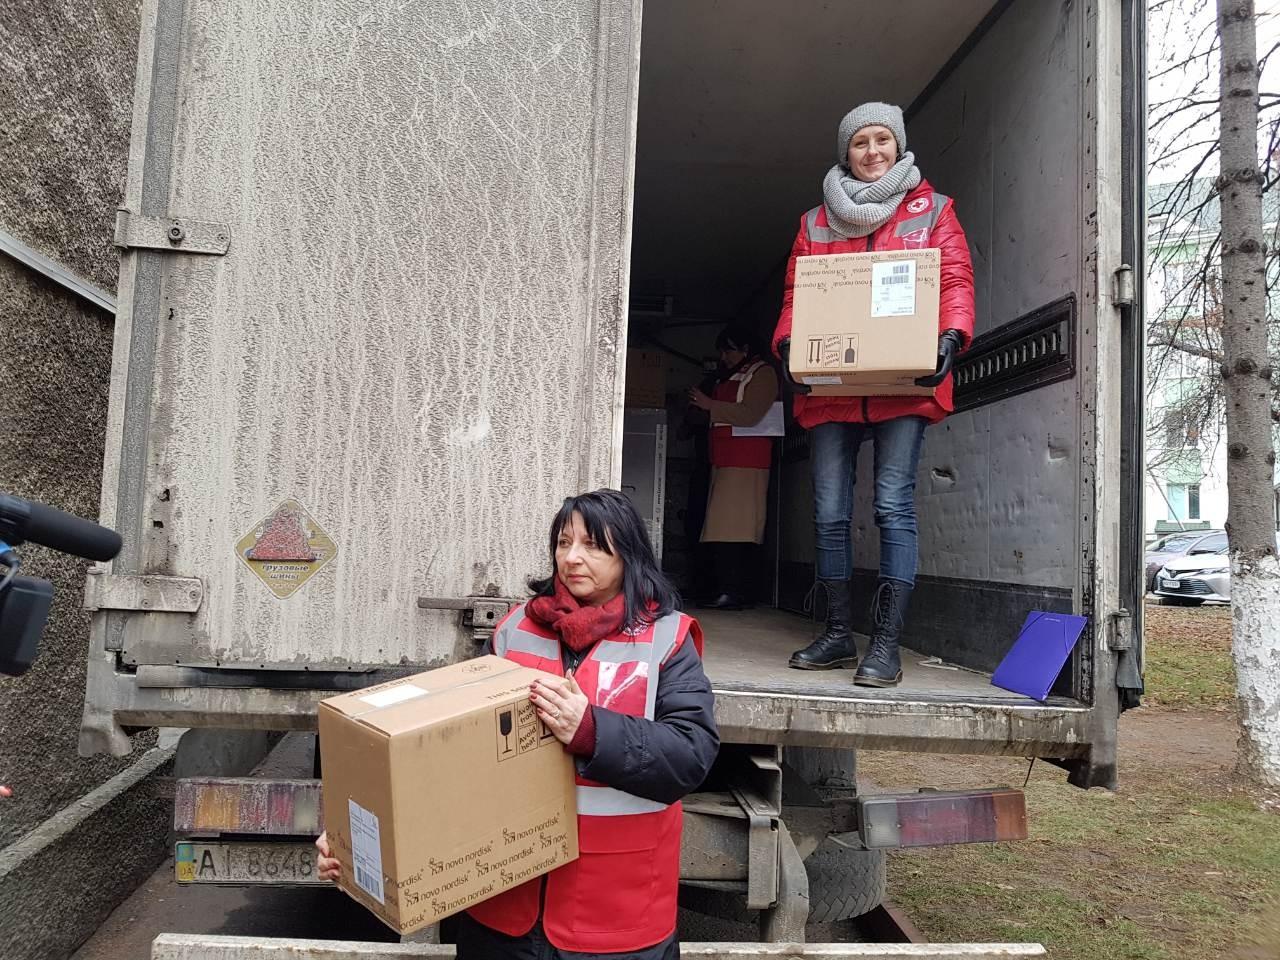 14 грудня Закарпаття отримало від Міжнародного Комітету Червоного Хреста 10,5 тисяч картриджів інсуліну